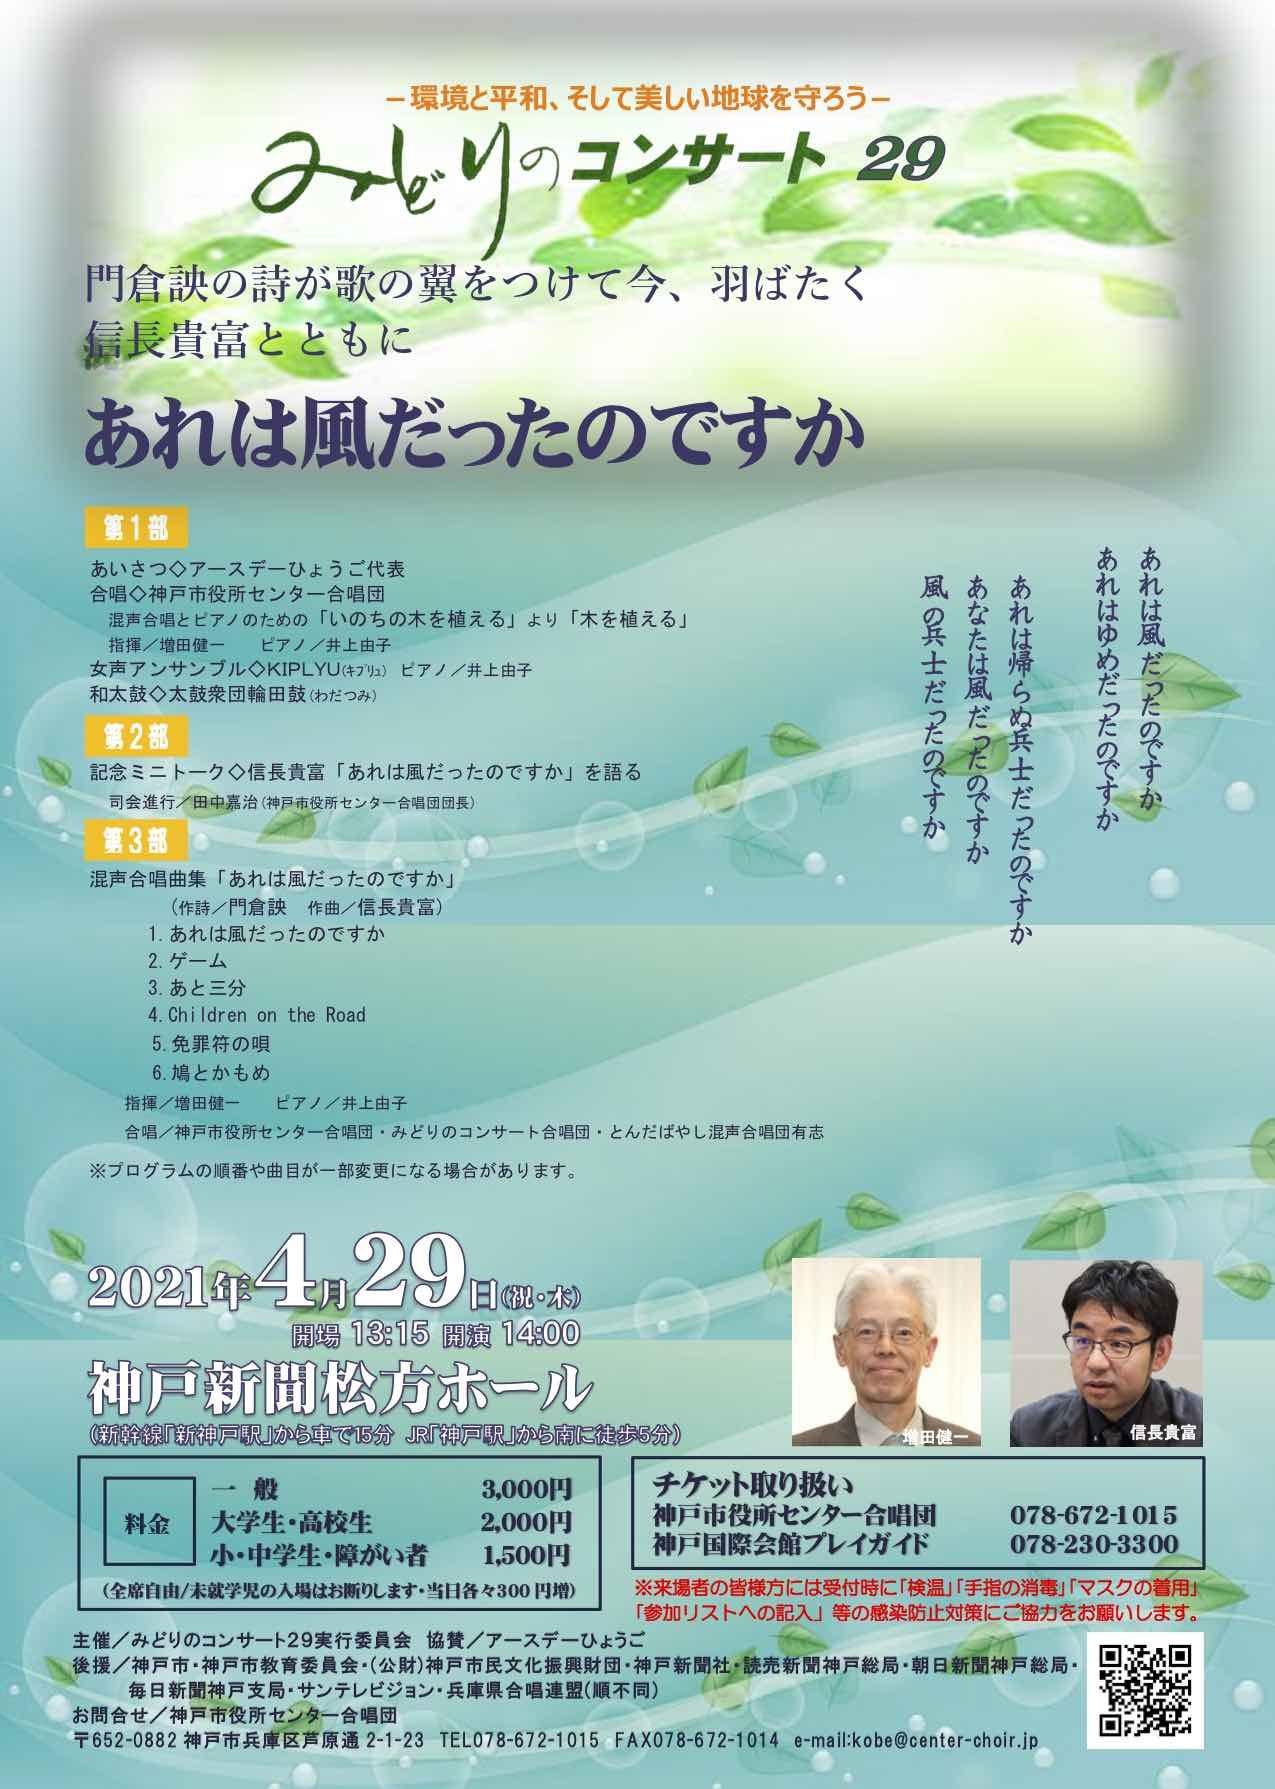 みどりのコンサート29 公演チケット発売中!(一般)